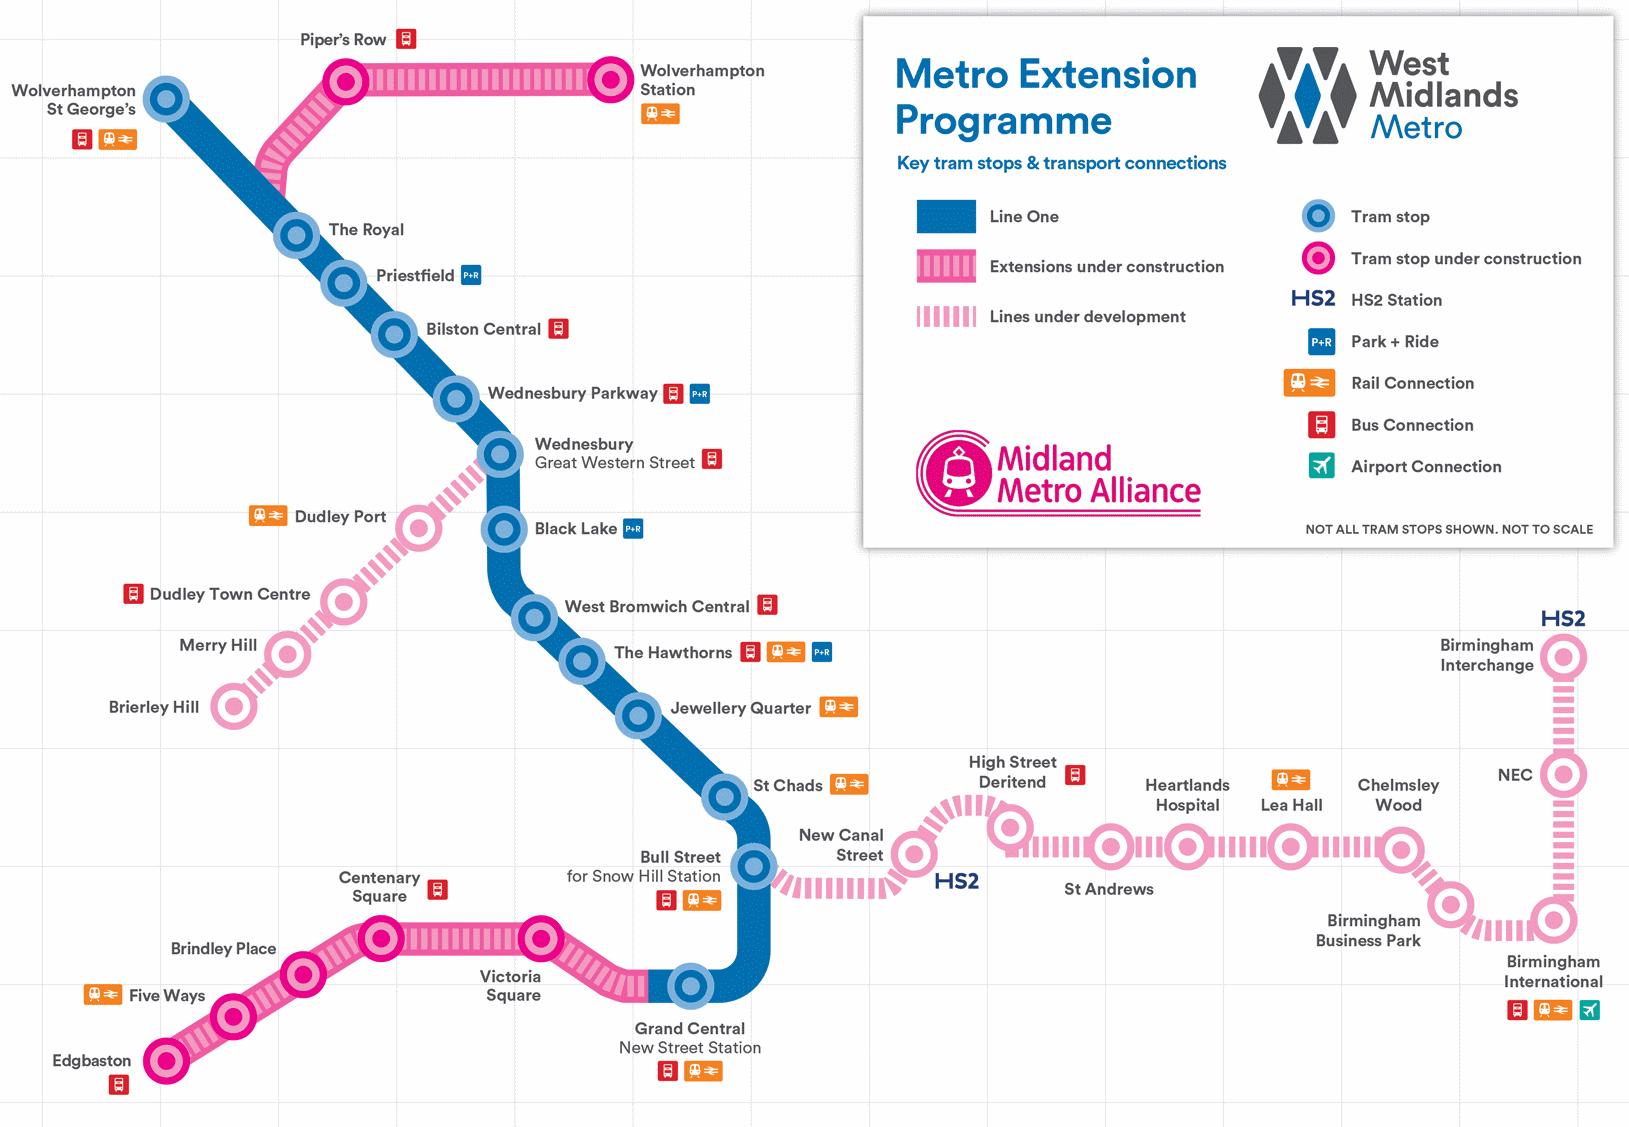 Midland Metro Alliance, Metro routes